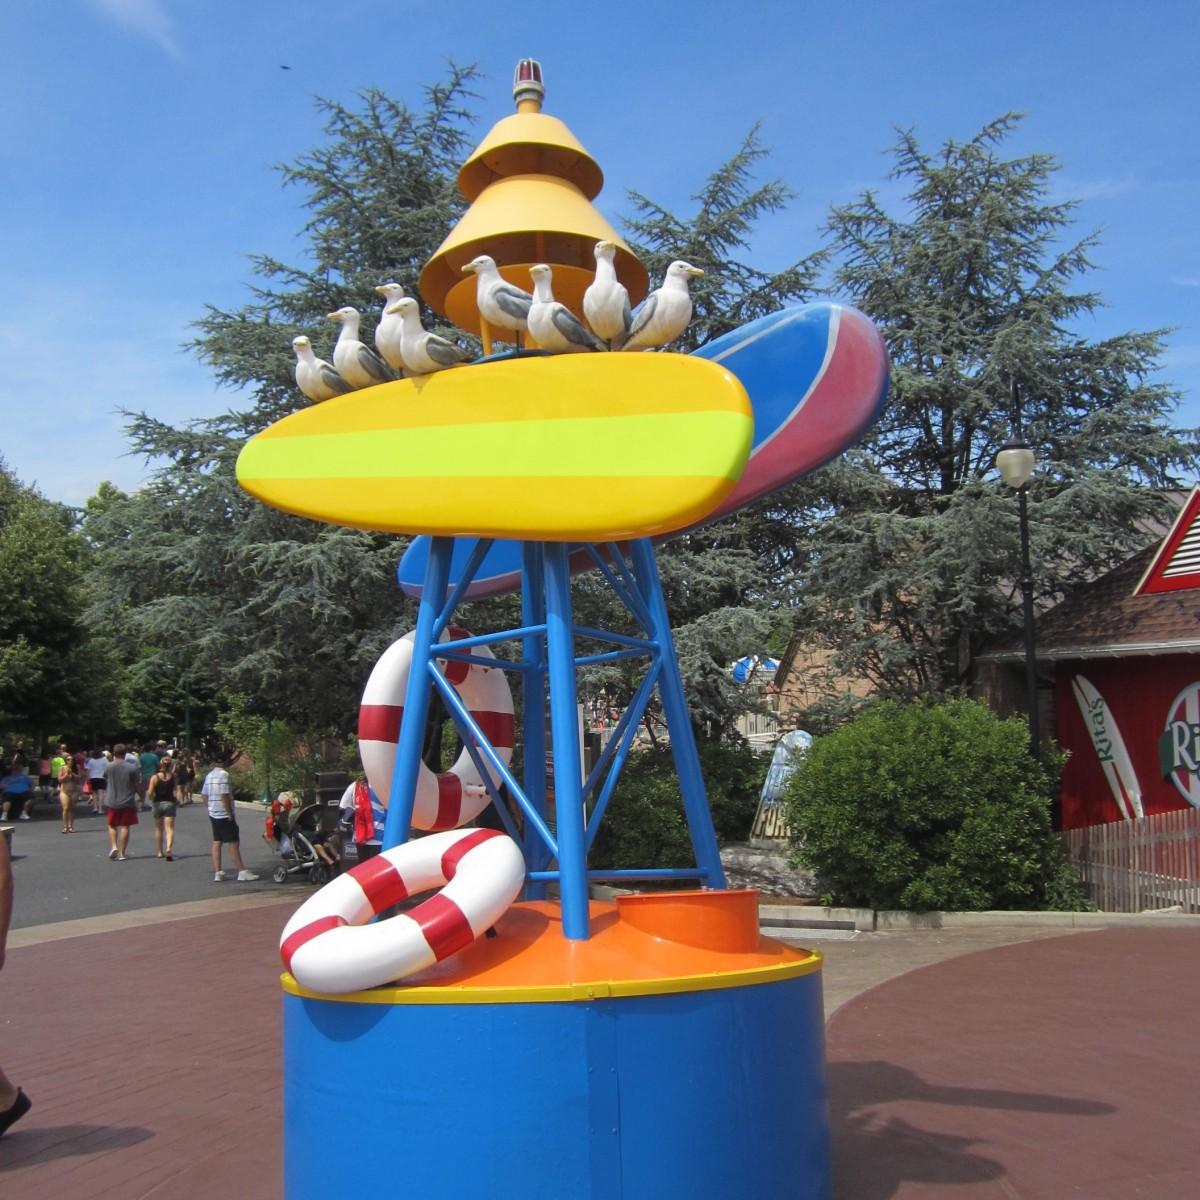 free images amusement park public space water park inflatable